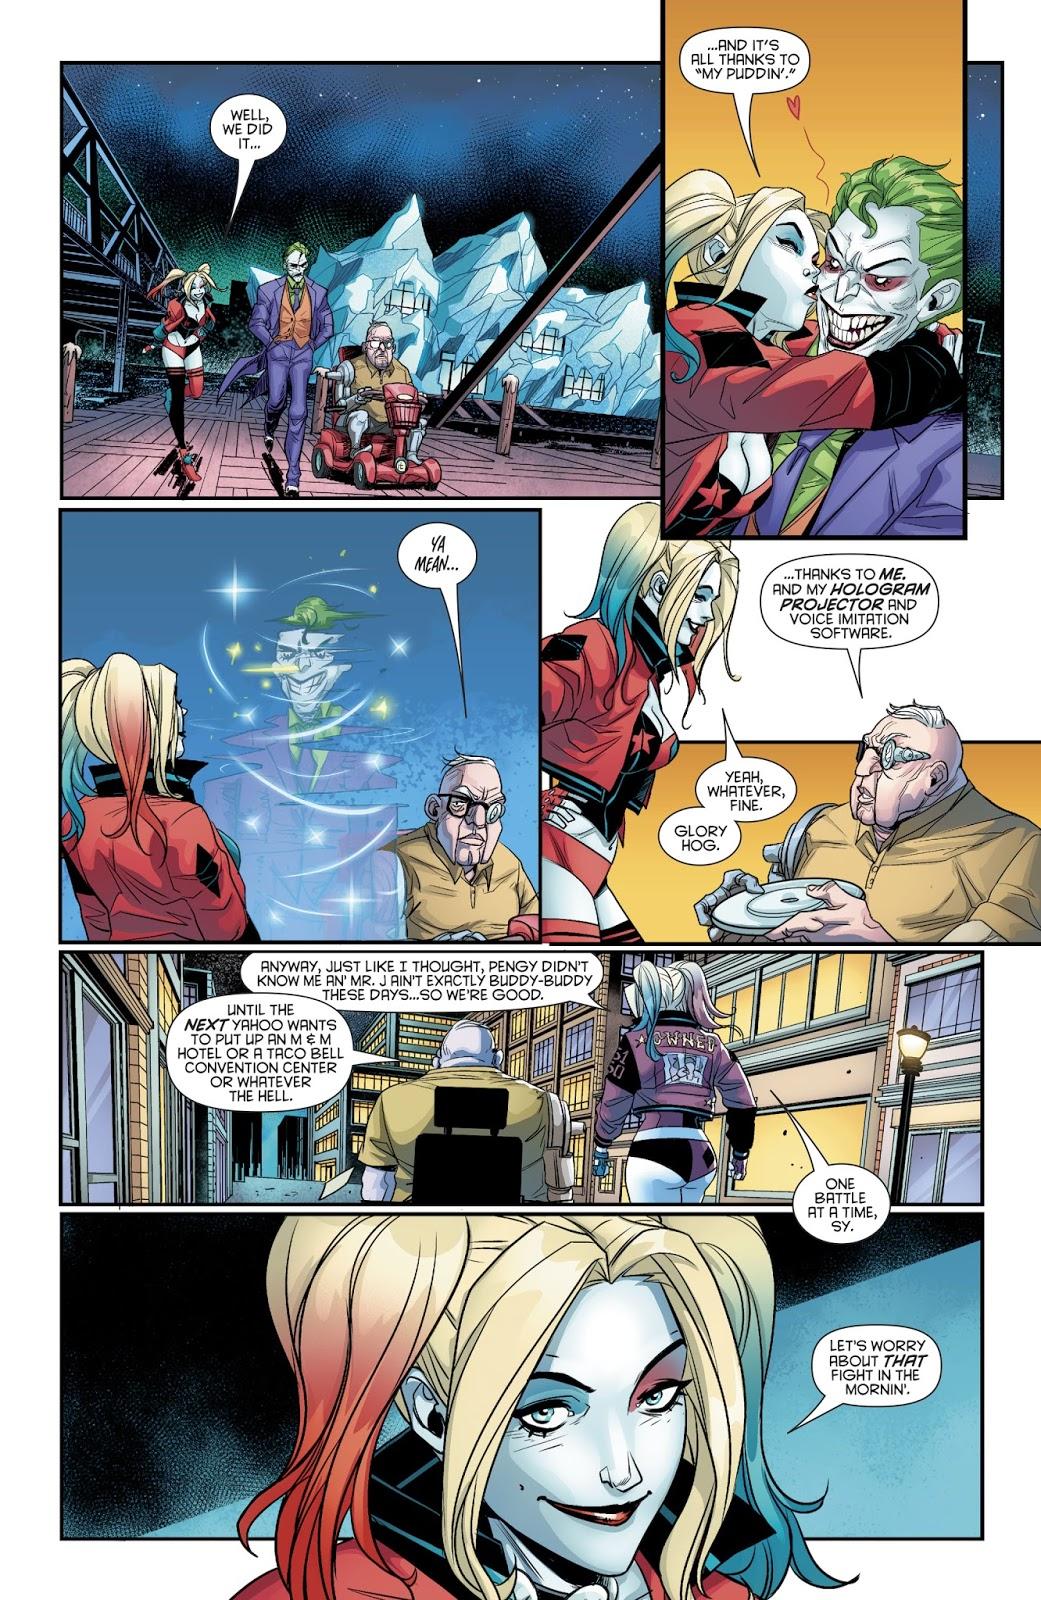 The Penguin Is Afraid Of The Joker (Harley Quinn Vol. 3 #27)